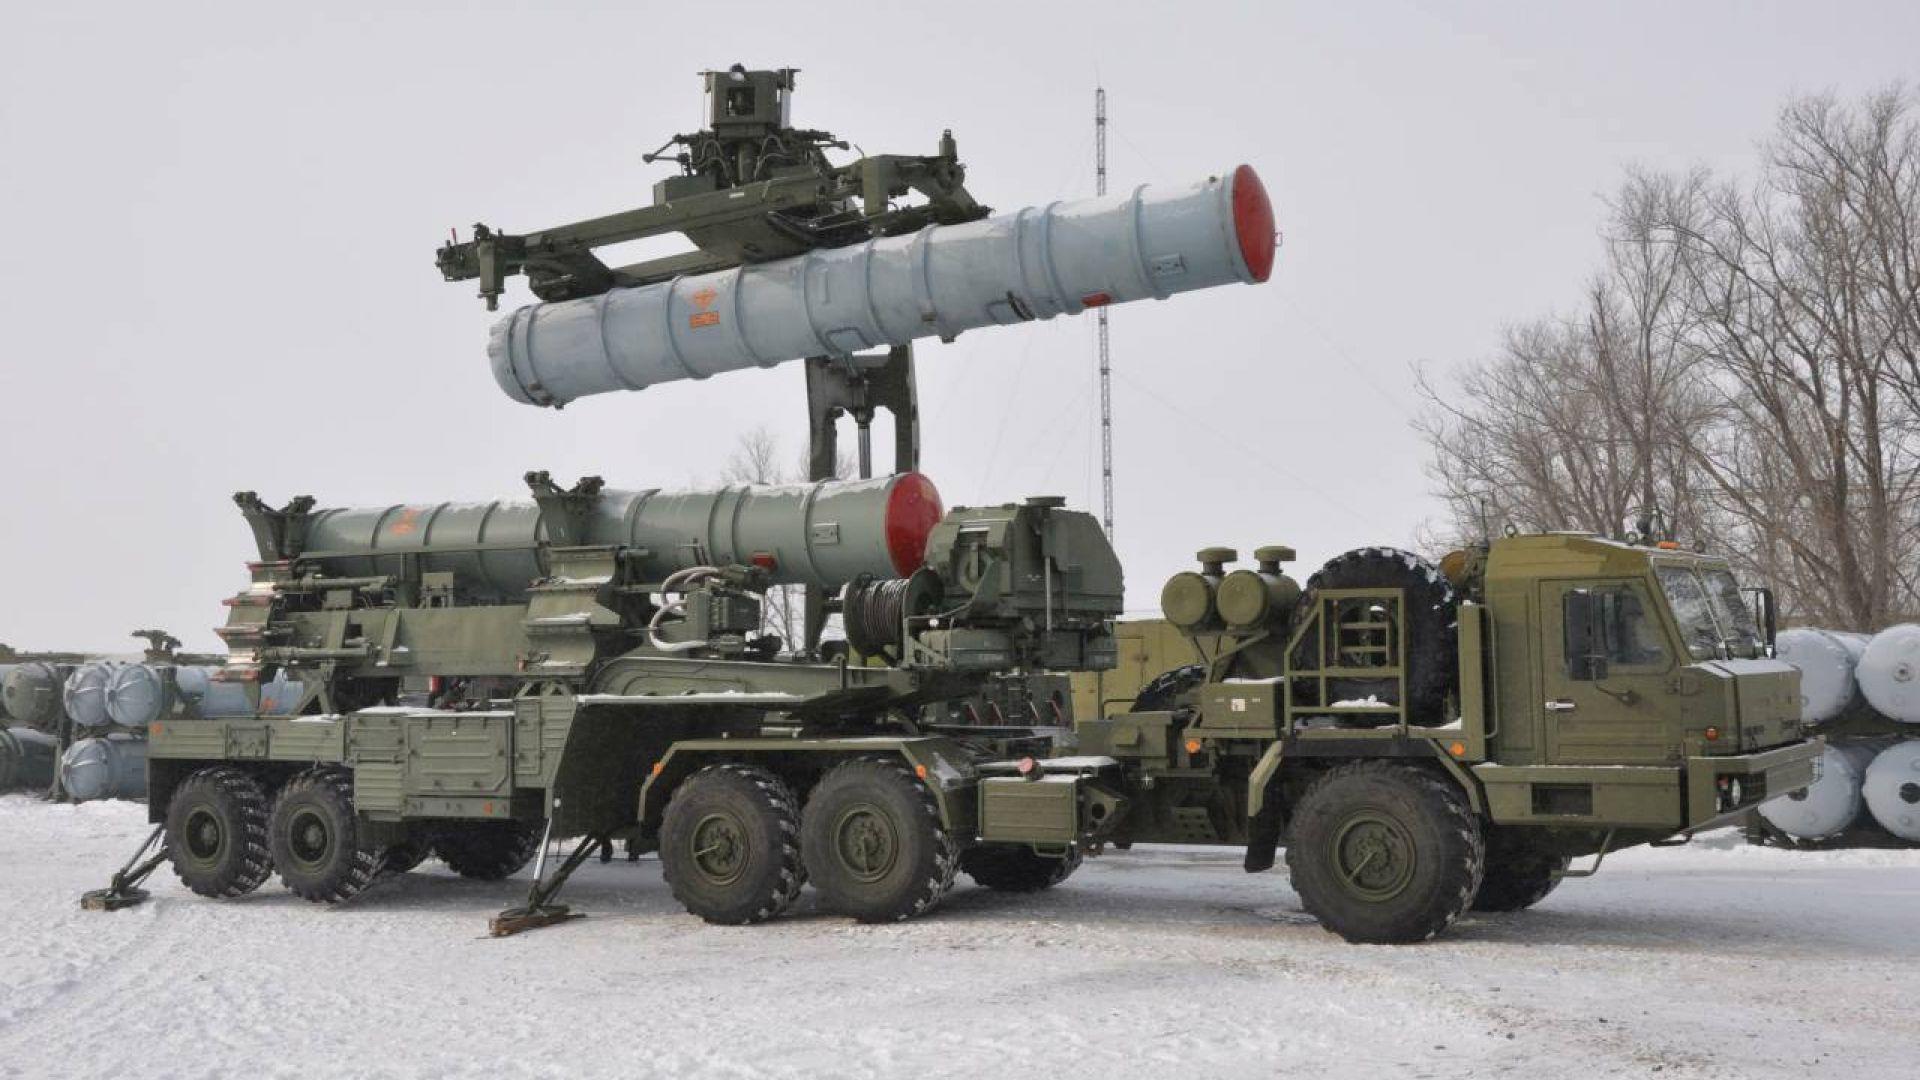 САЩ предупреди Турция, че й остава все по-малко време до санкции заради покупката на руски С-400